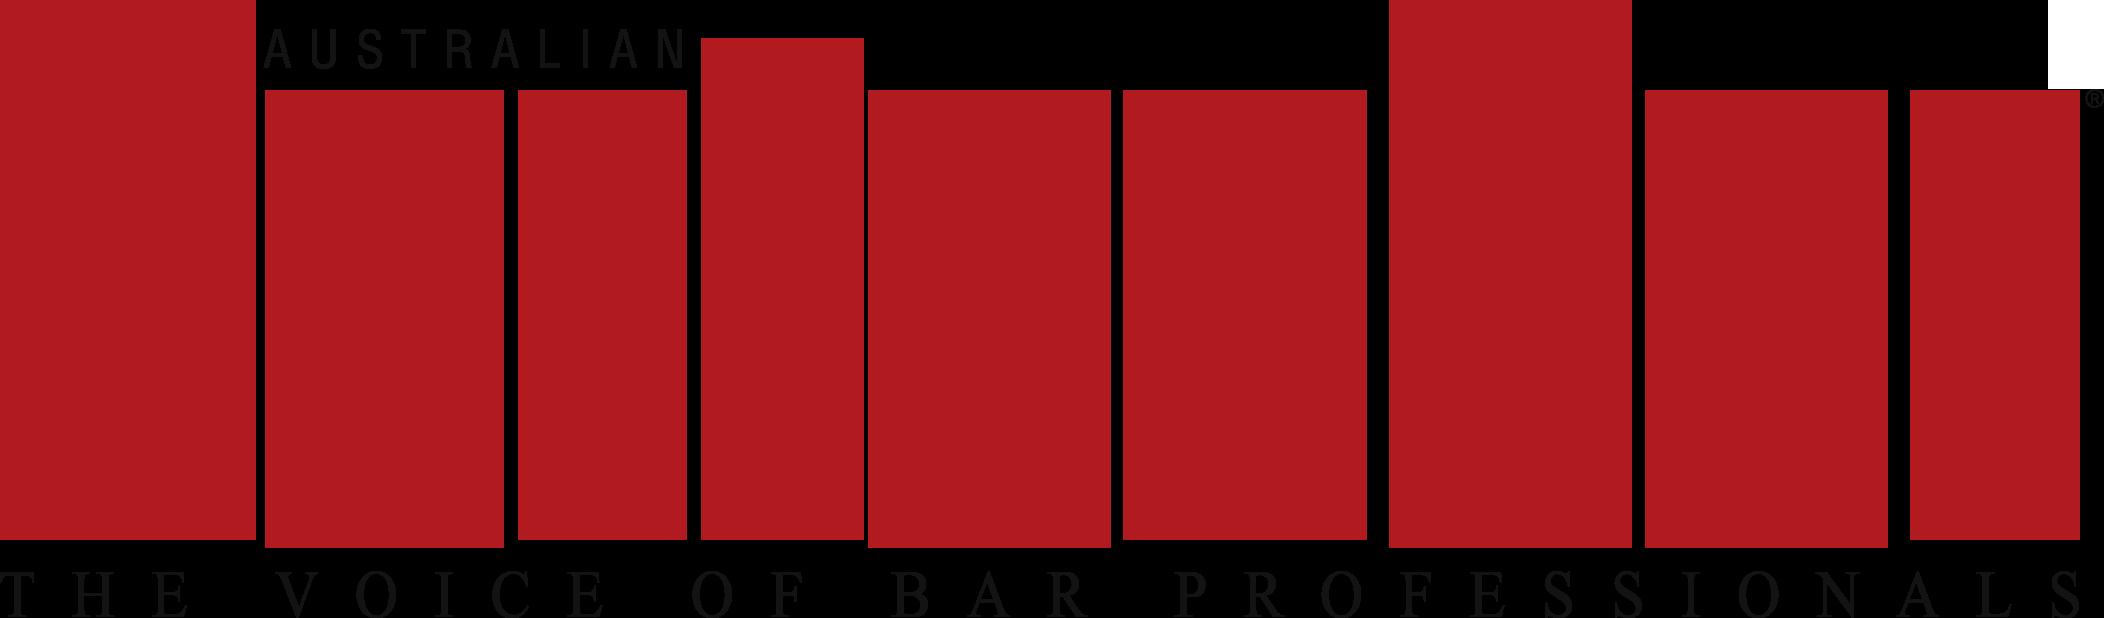 Australian Bartender Logo